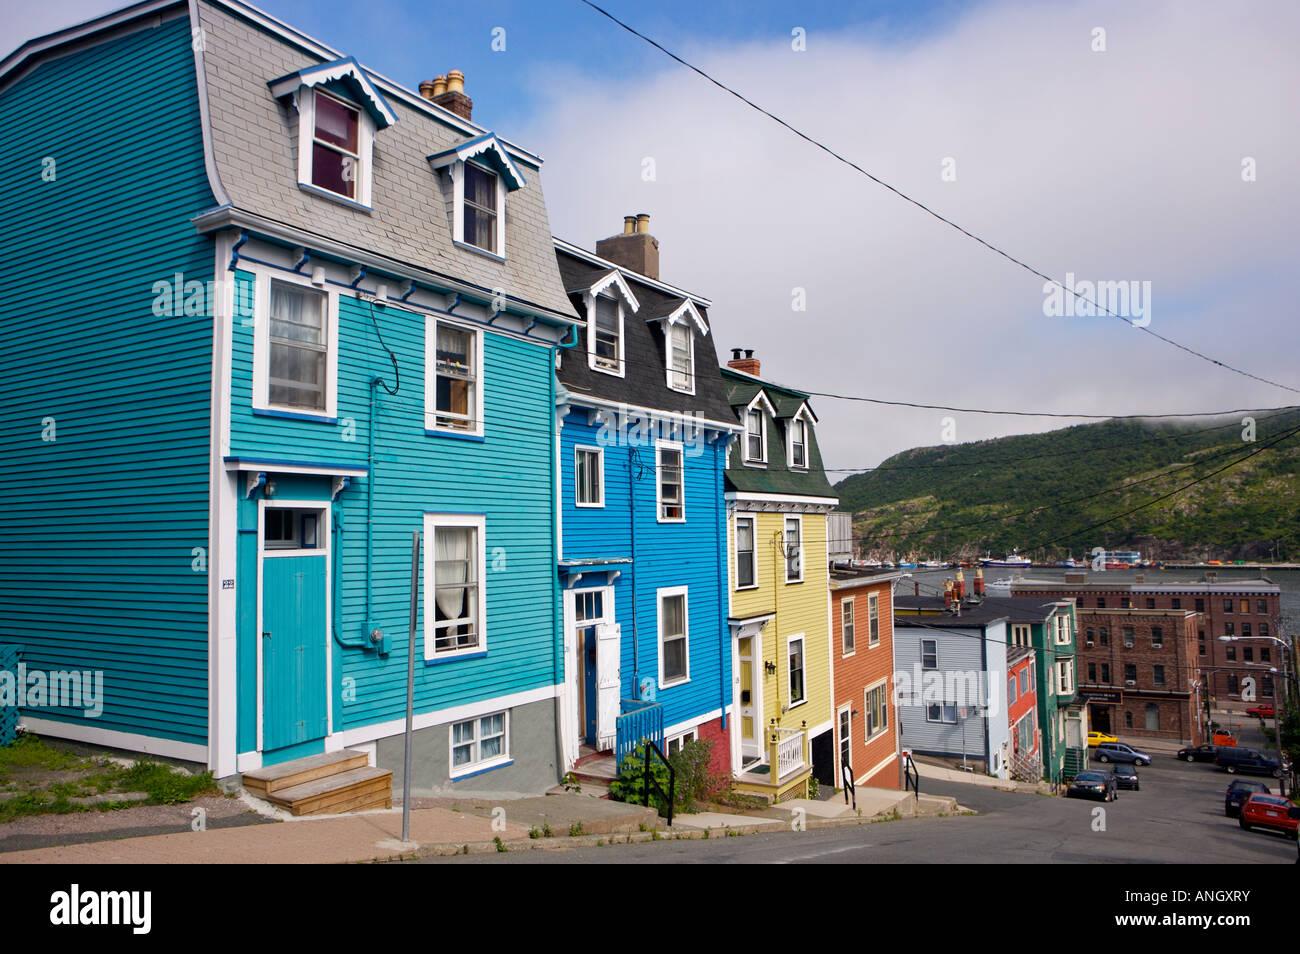 Jelly Bean Row >> Jelly Bean Row Stock Photos Jelly Bean Row Stock Images Alamy